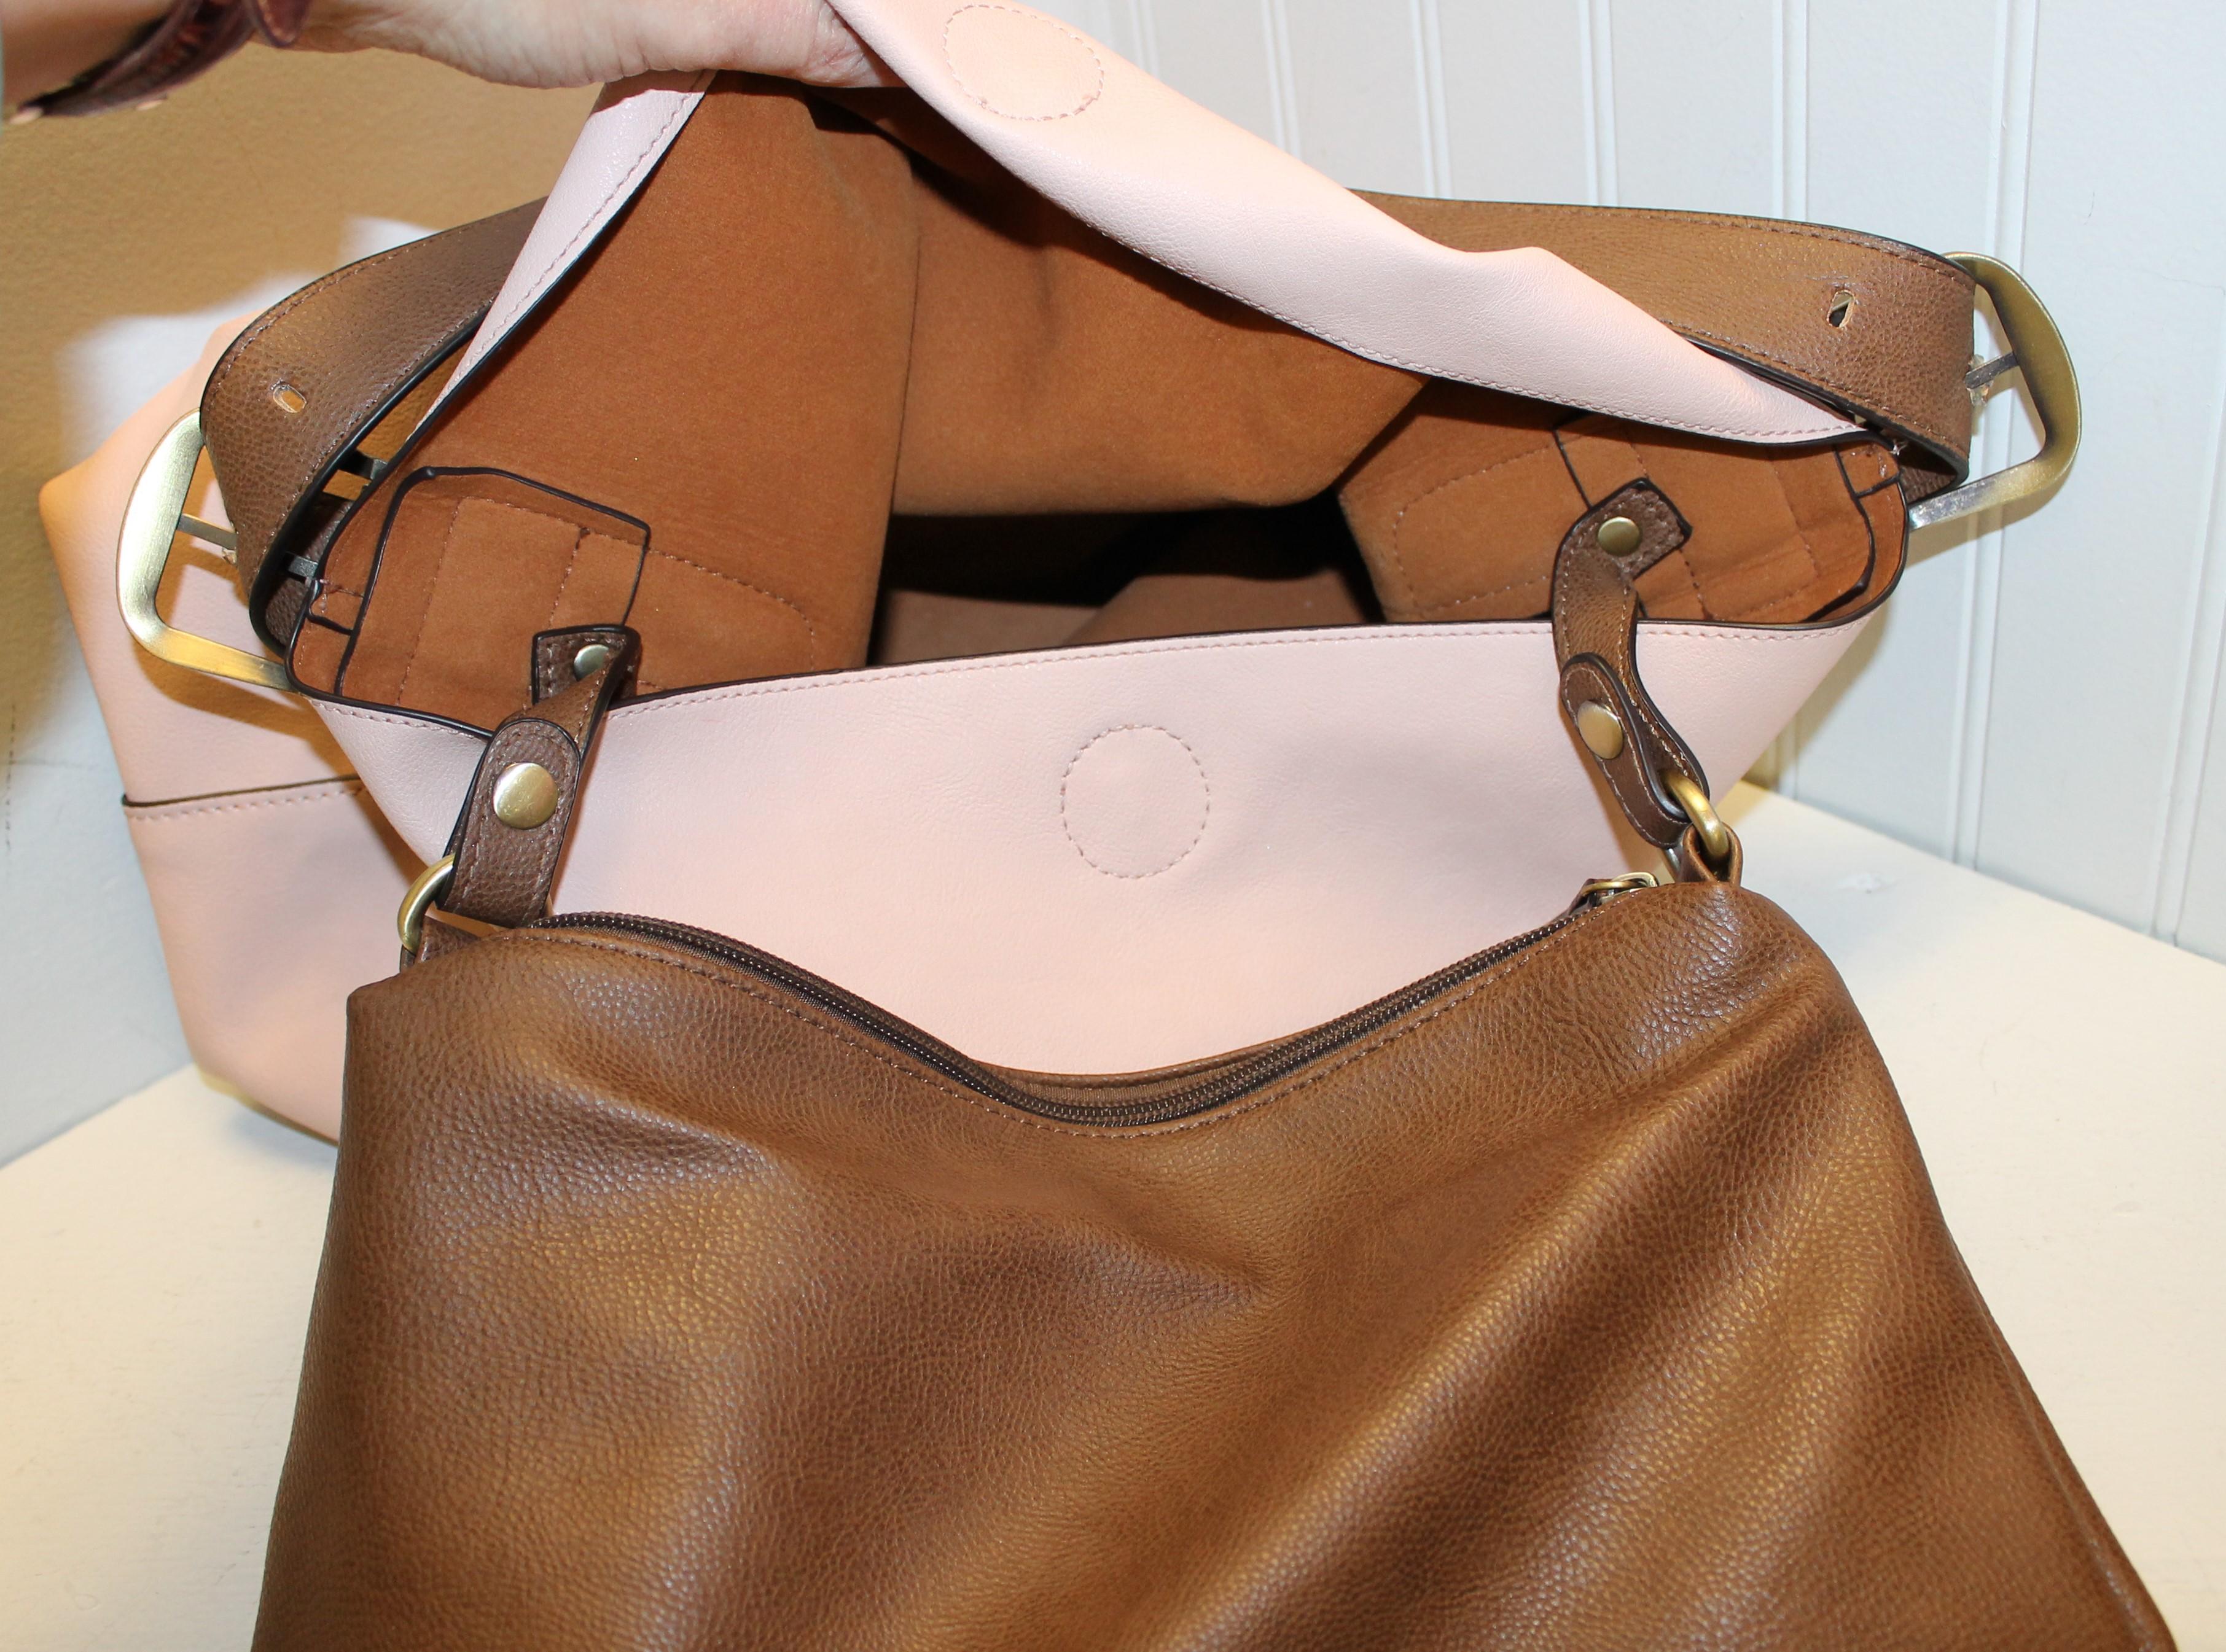 SUSAN-JOY-PALE-PINK-AND-BROWN-Leather-Solid-SHOULDER-BAG_88567F.jpg